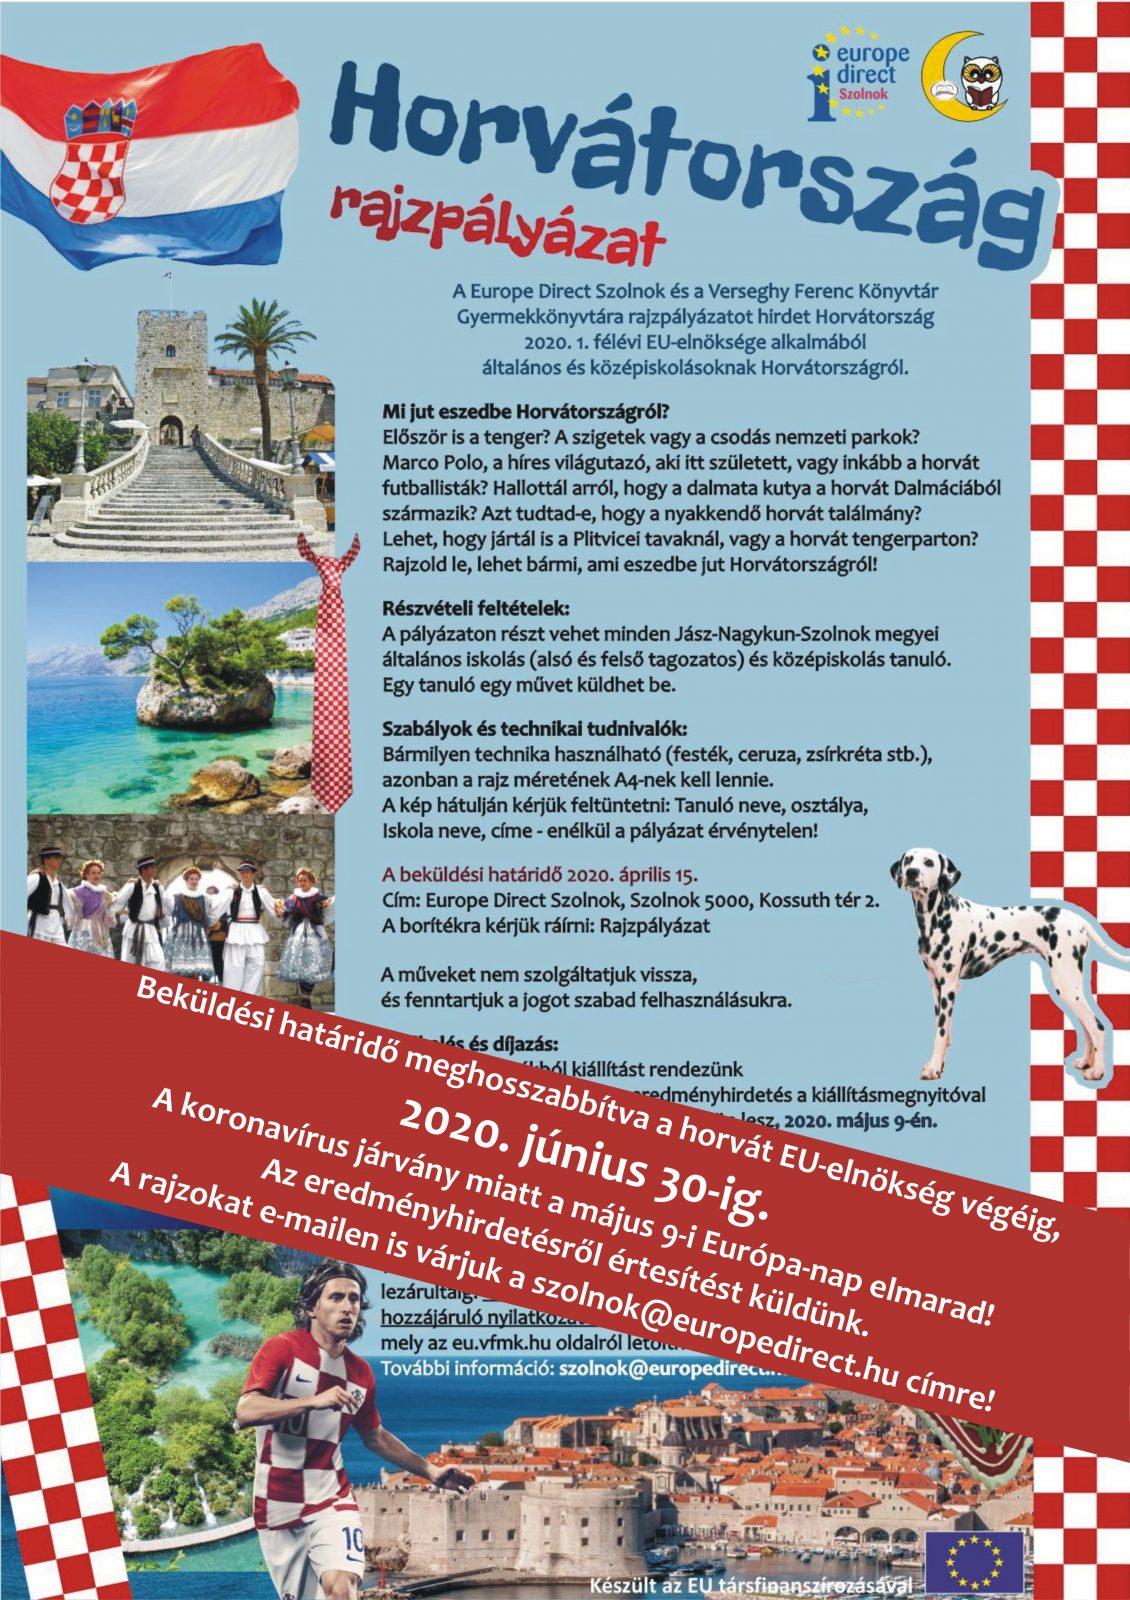 2020. Horvátország Rajzpályázat meghosszabbítva. Plakát